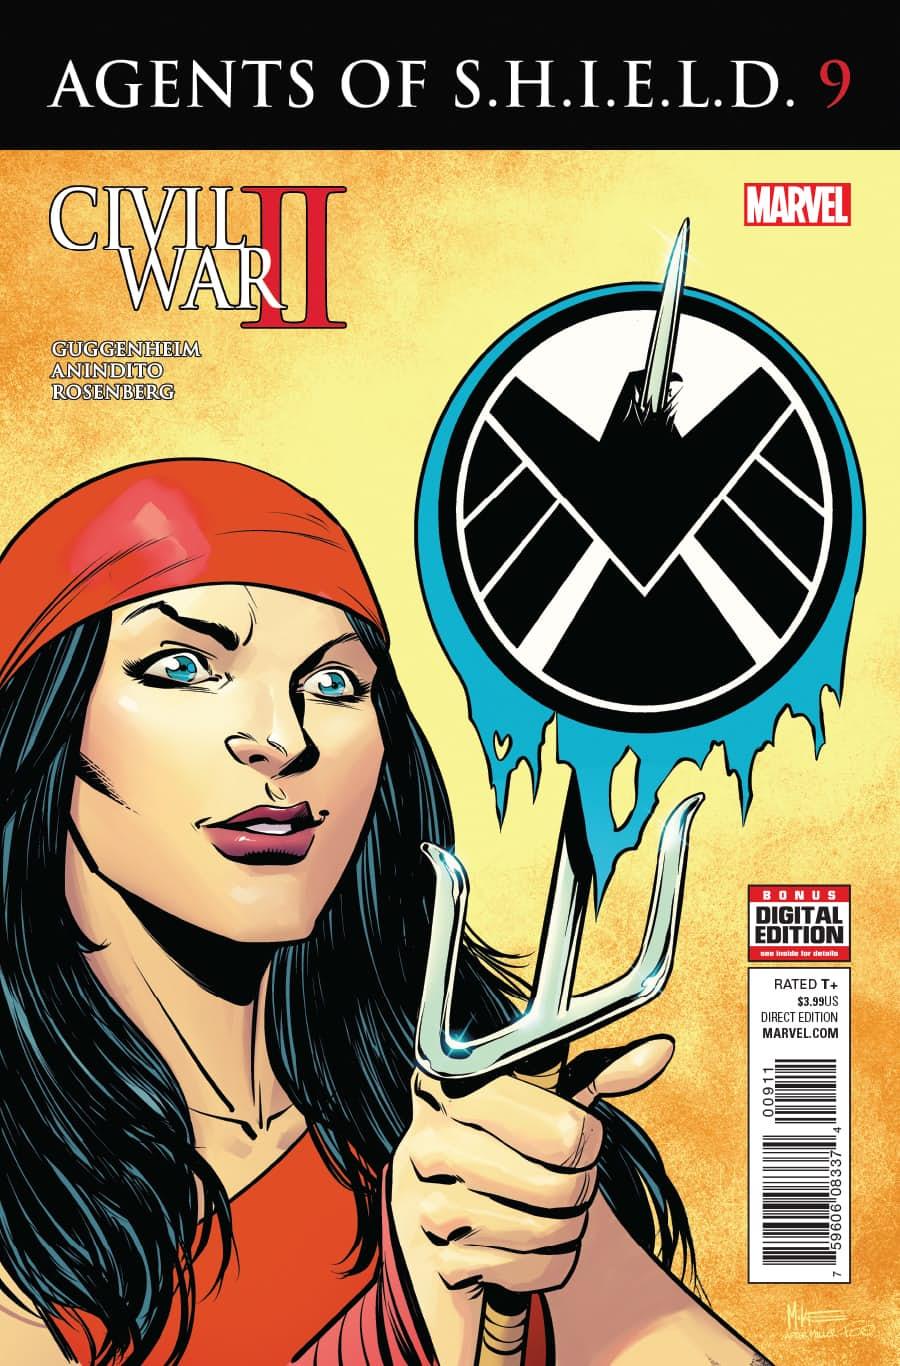 Agents of S.H.I.E.L.D. Vol 1 9